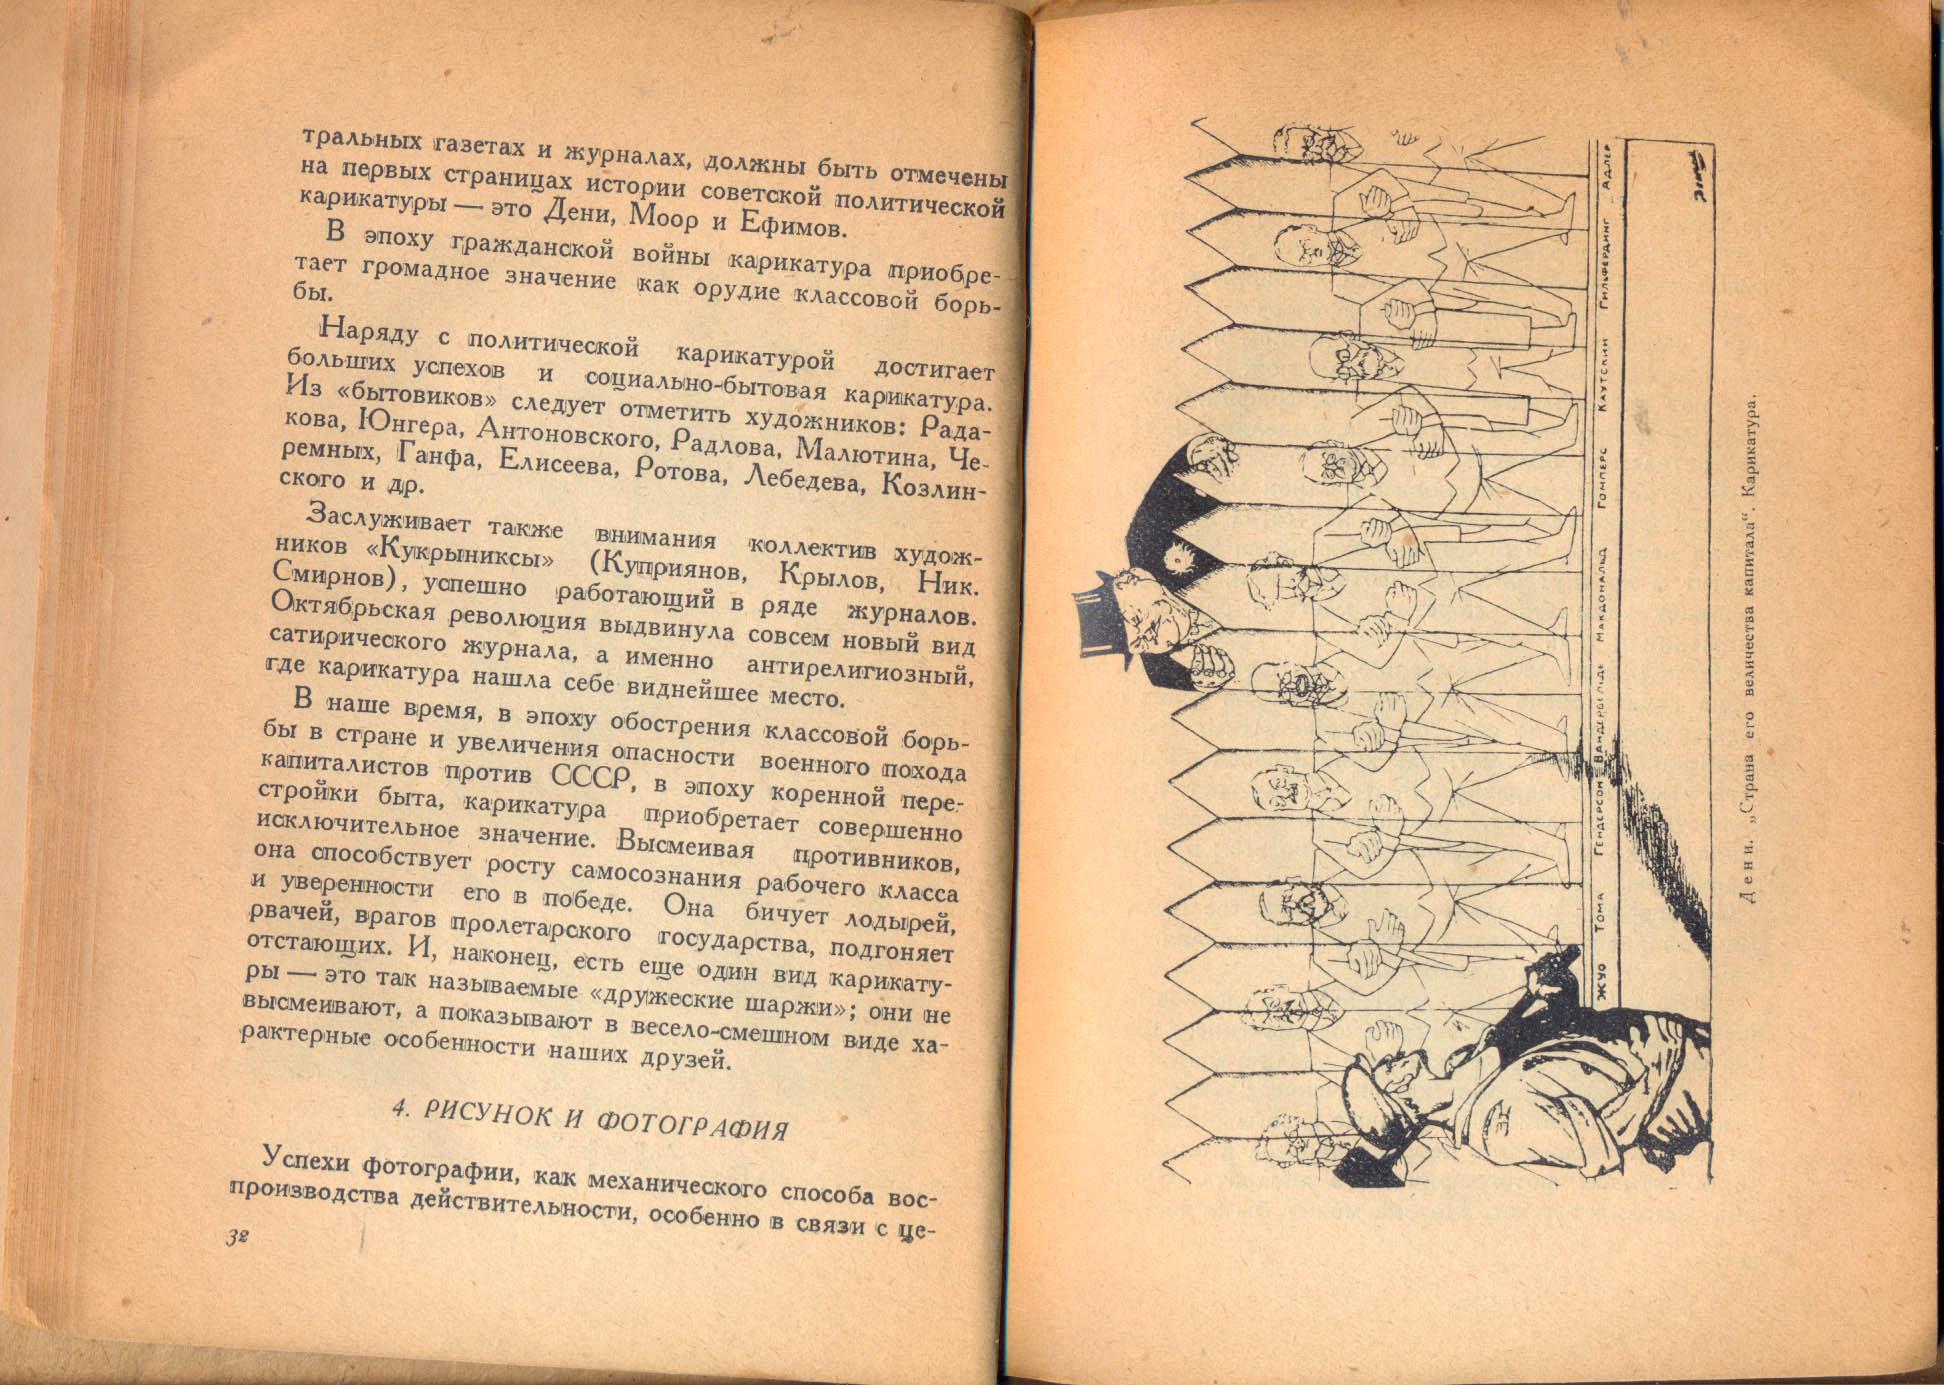 иллюстрация в книге 32.jpg